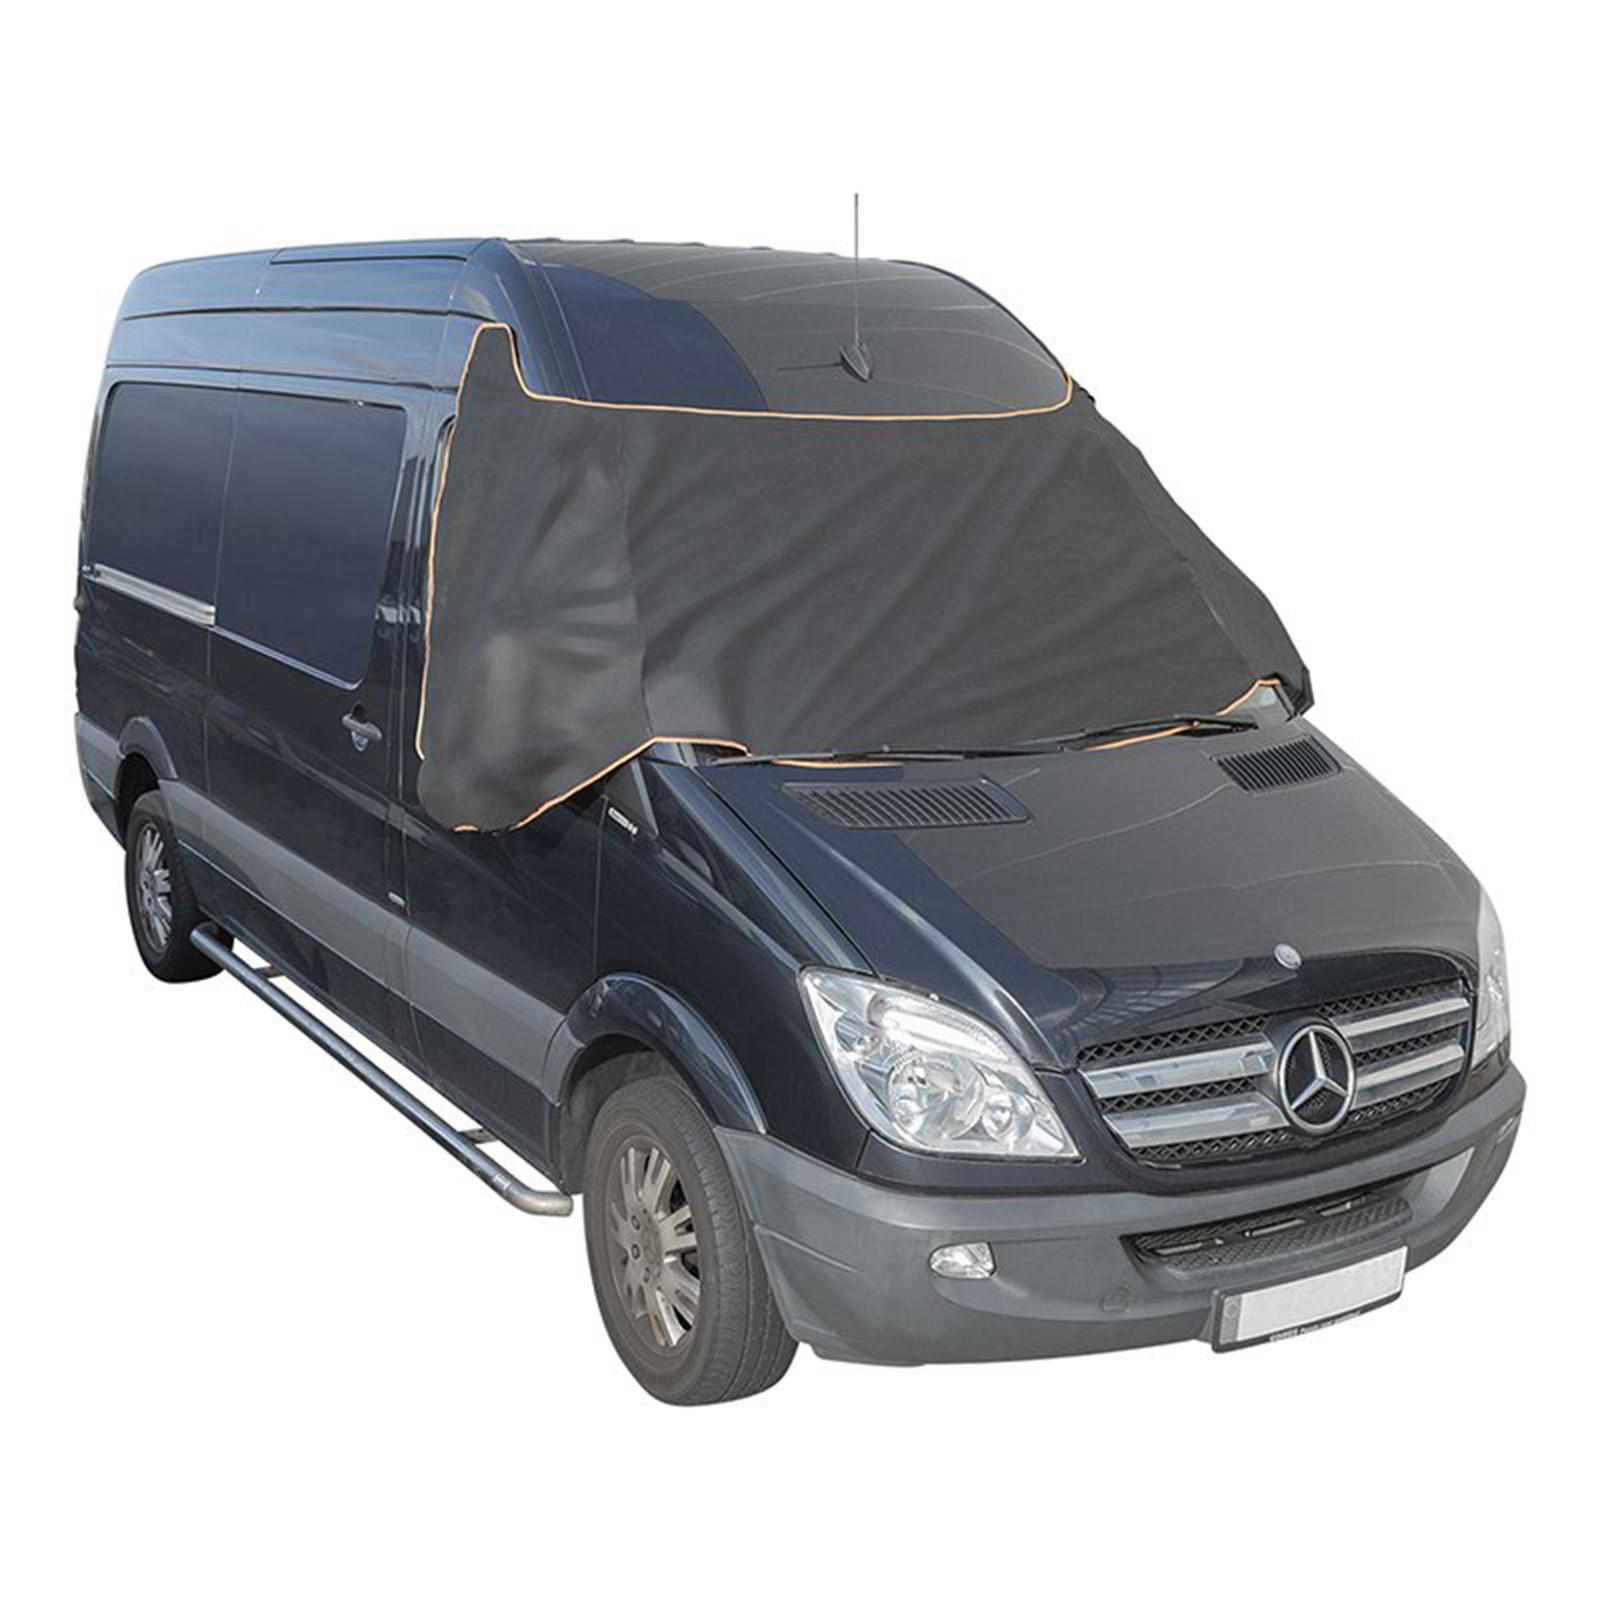 Scheibenabdeckung XXL Magnet Auto Frontscheibenabdeckung Transporter Halbgarage